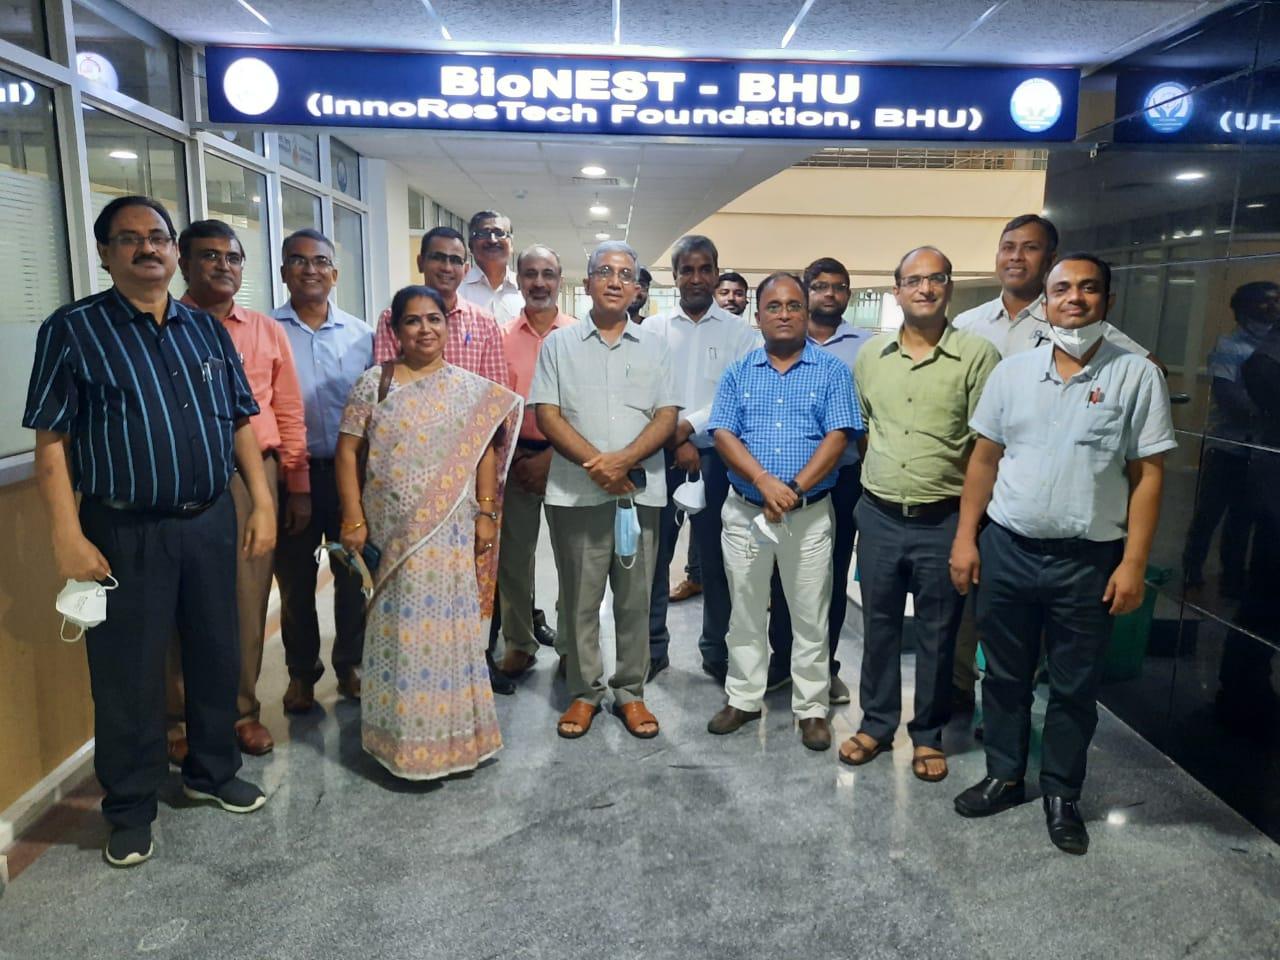 BioNEST BHU